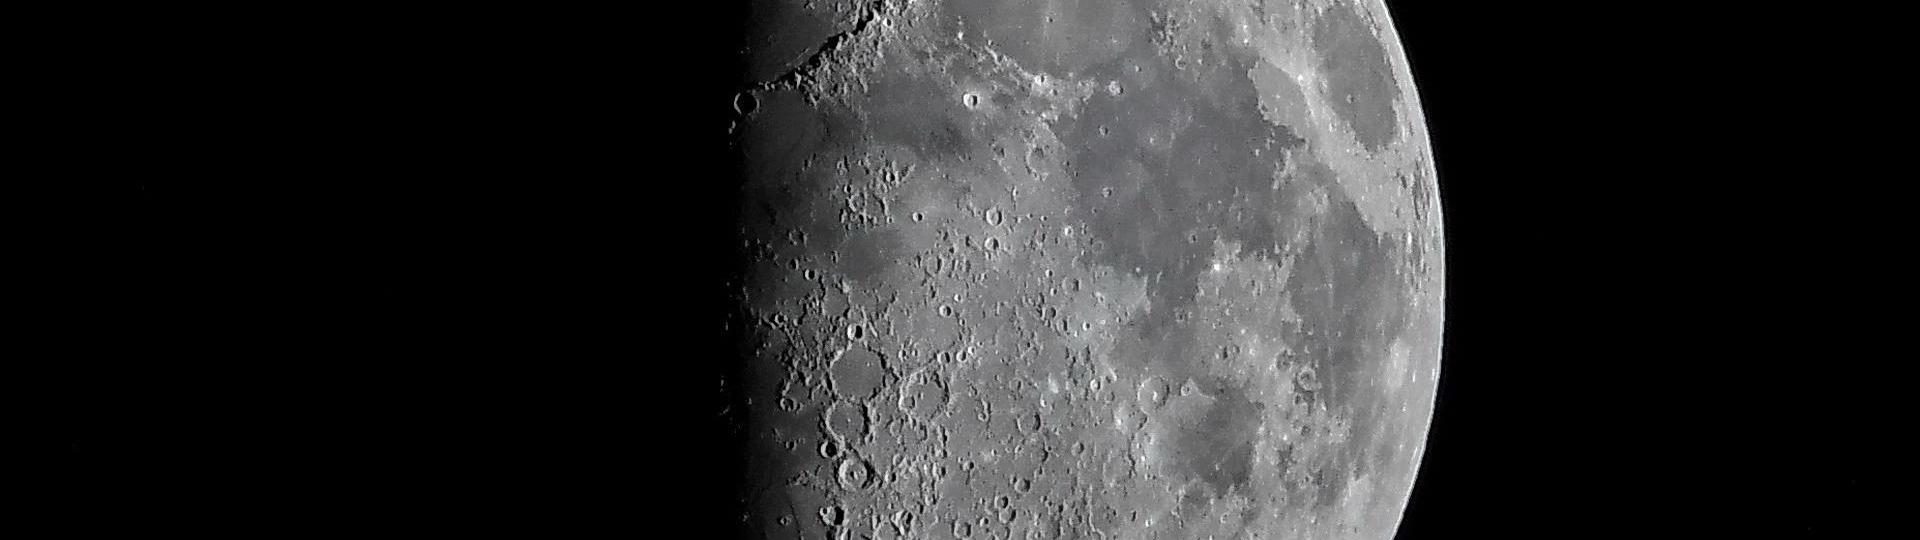 Atelier Focale 16, club photo d'Angoulême Photographie de la Lune pour le thème Clair-Obscur, par Claude Kerjean